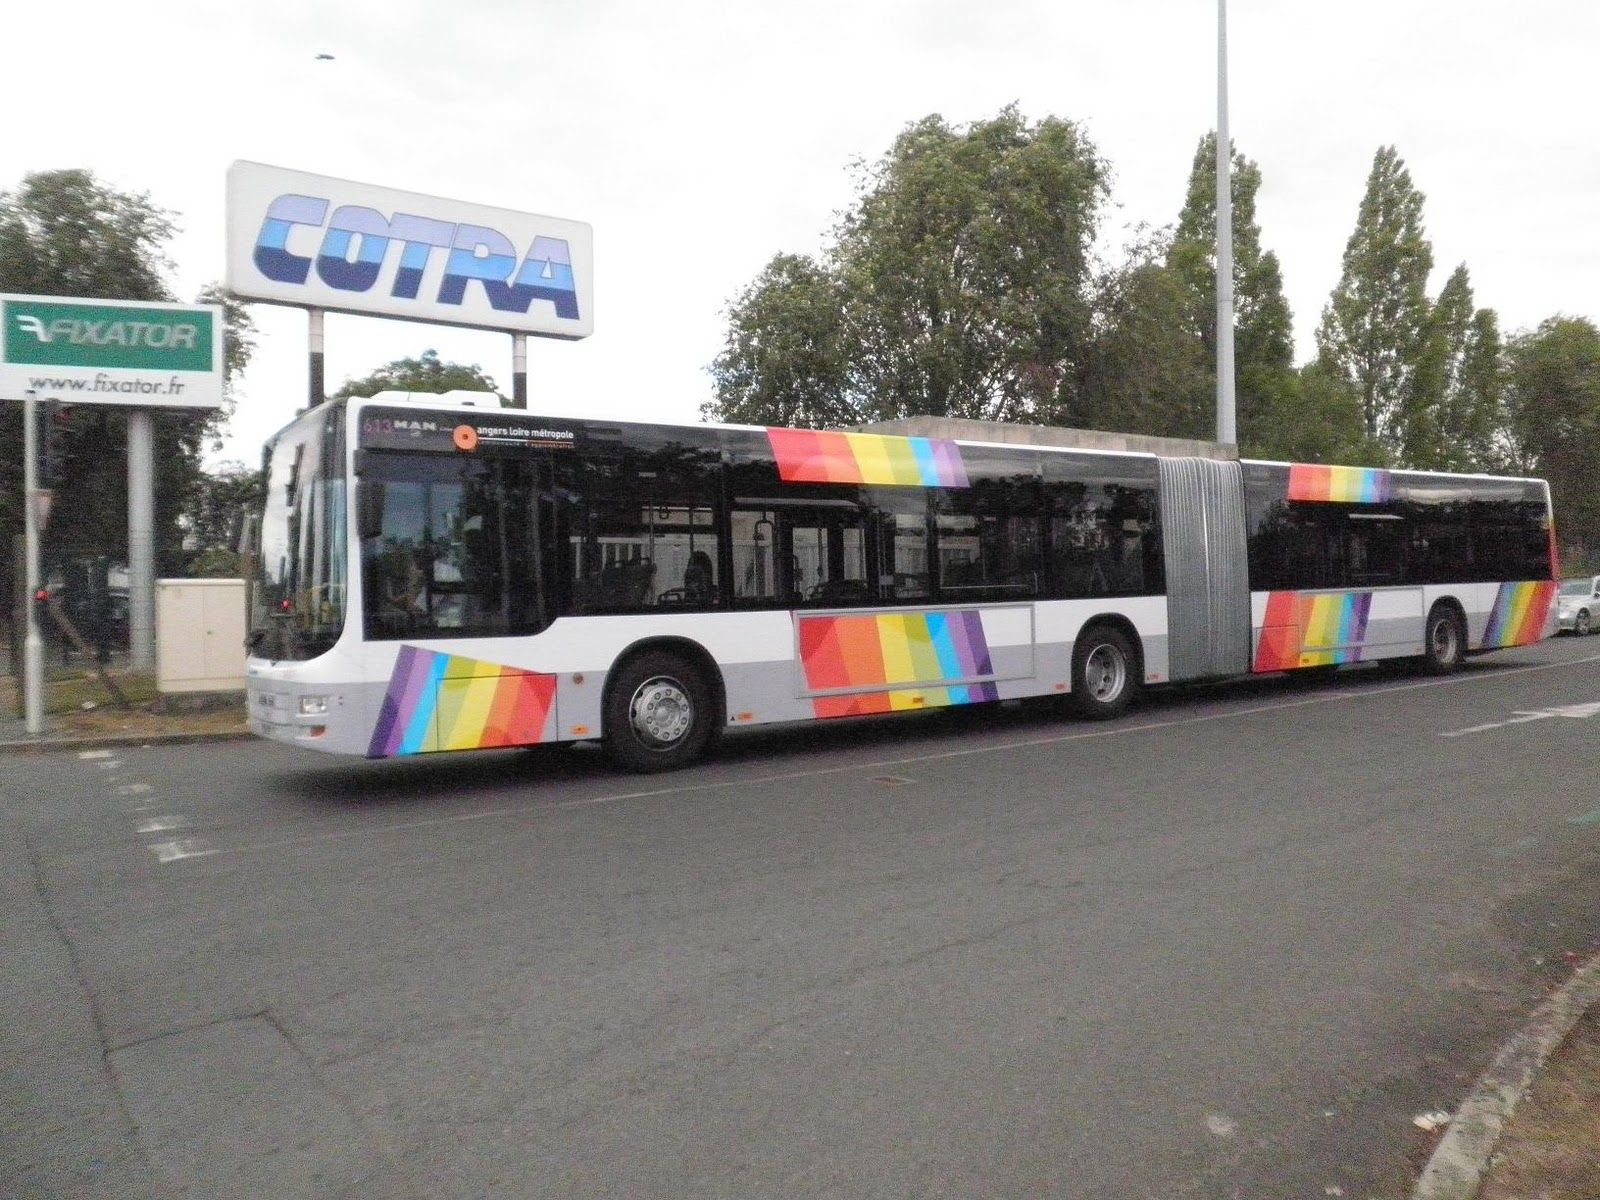 Zen  Progr U00e8s  Tram  Et R U00e9gression  Bus  De La Qualit U00e9 Du